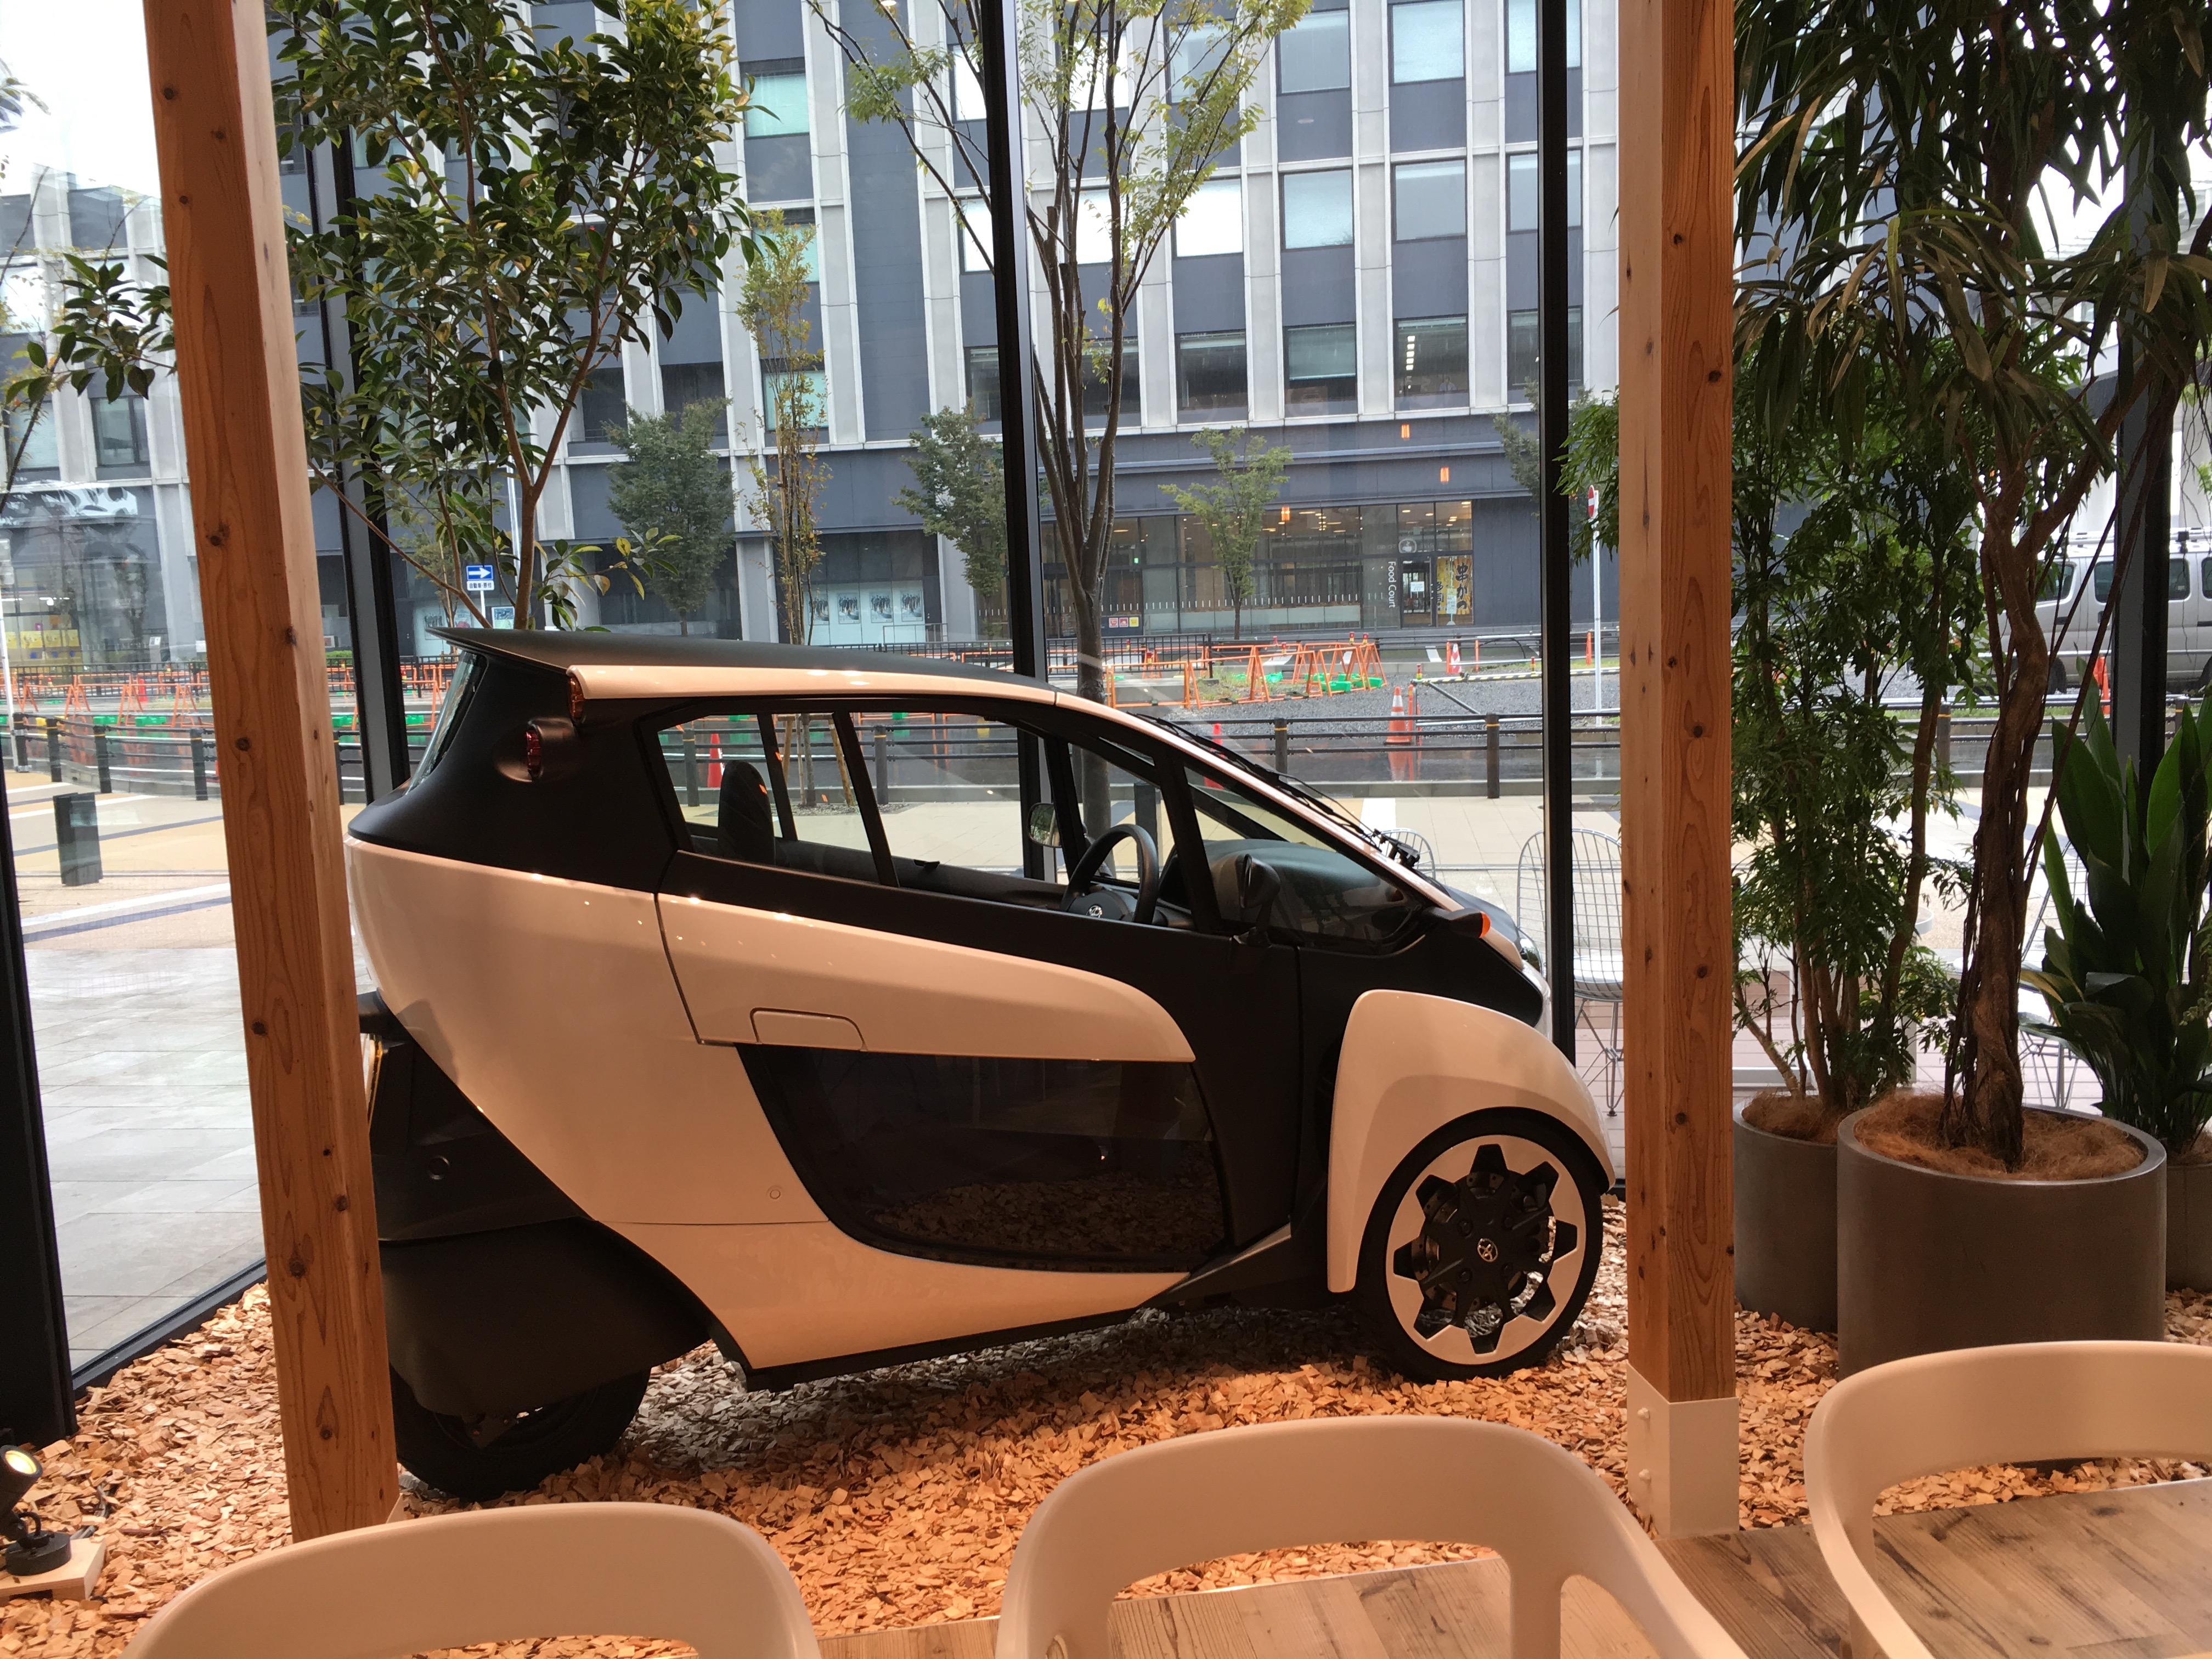 名古屋 ささしま グローバルゲートのトヨタプロデュースのカフェ「DRIVE TO GO」